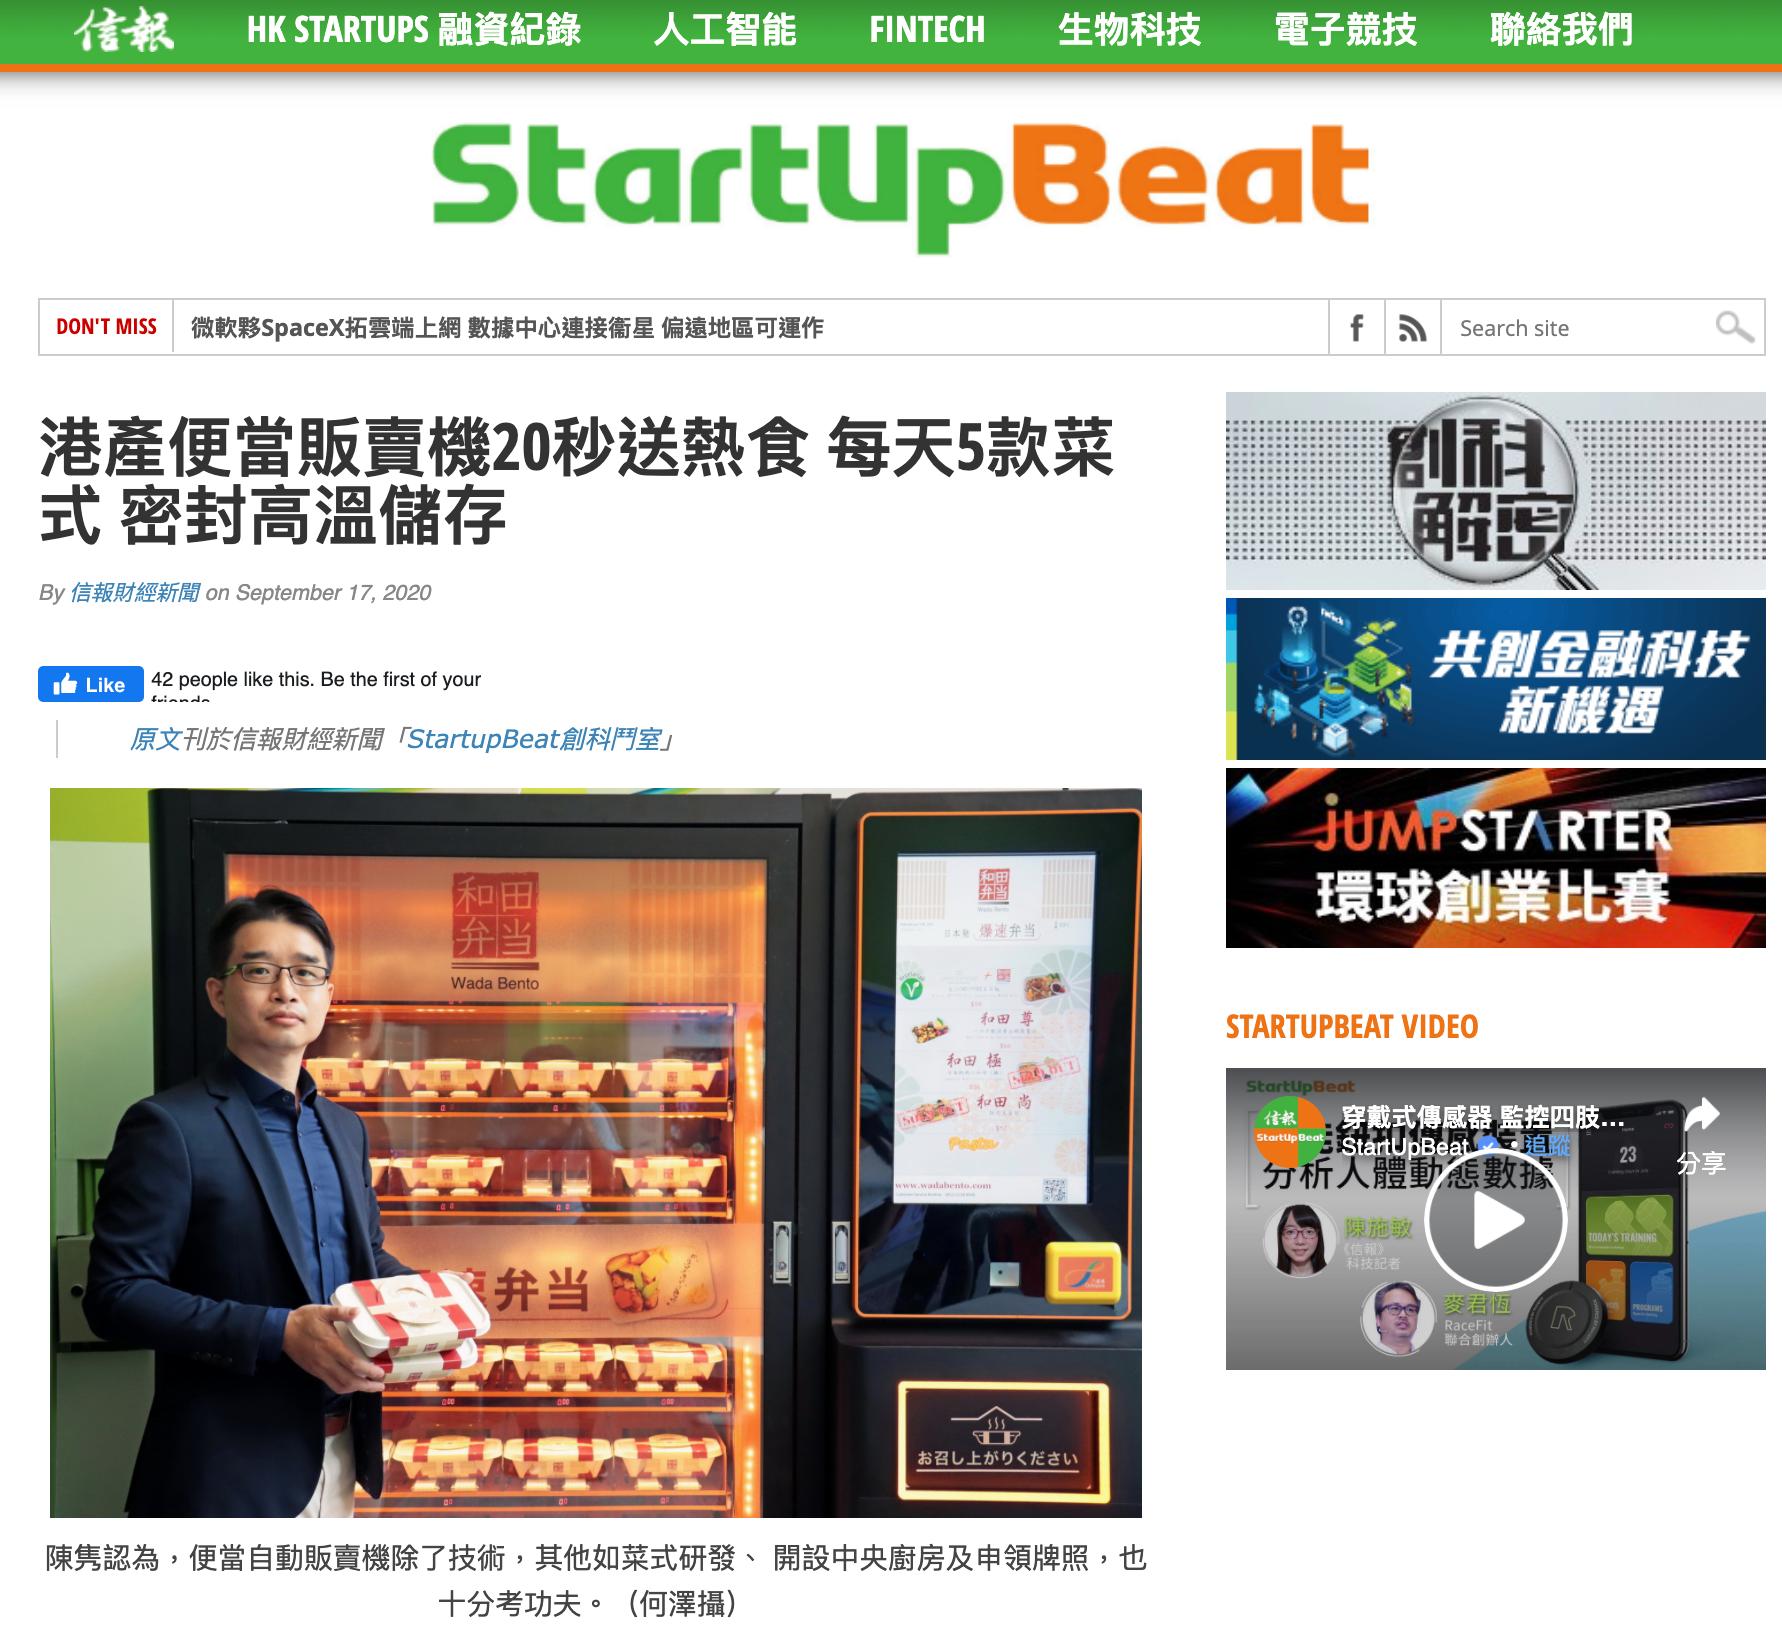 Startupbeat wadabento